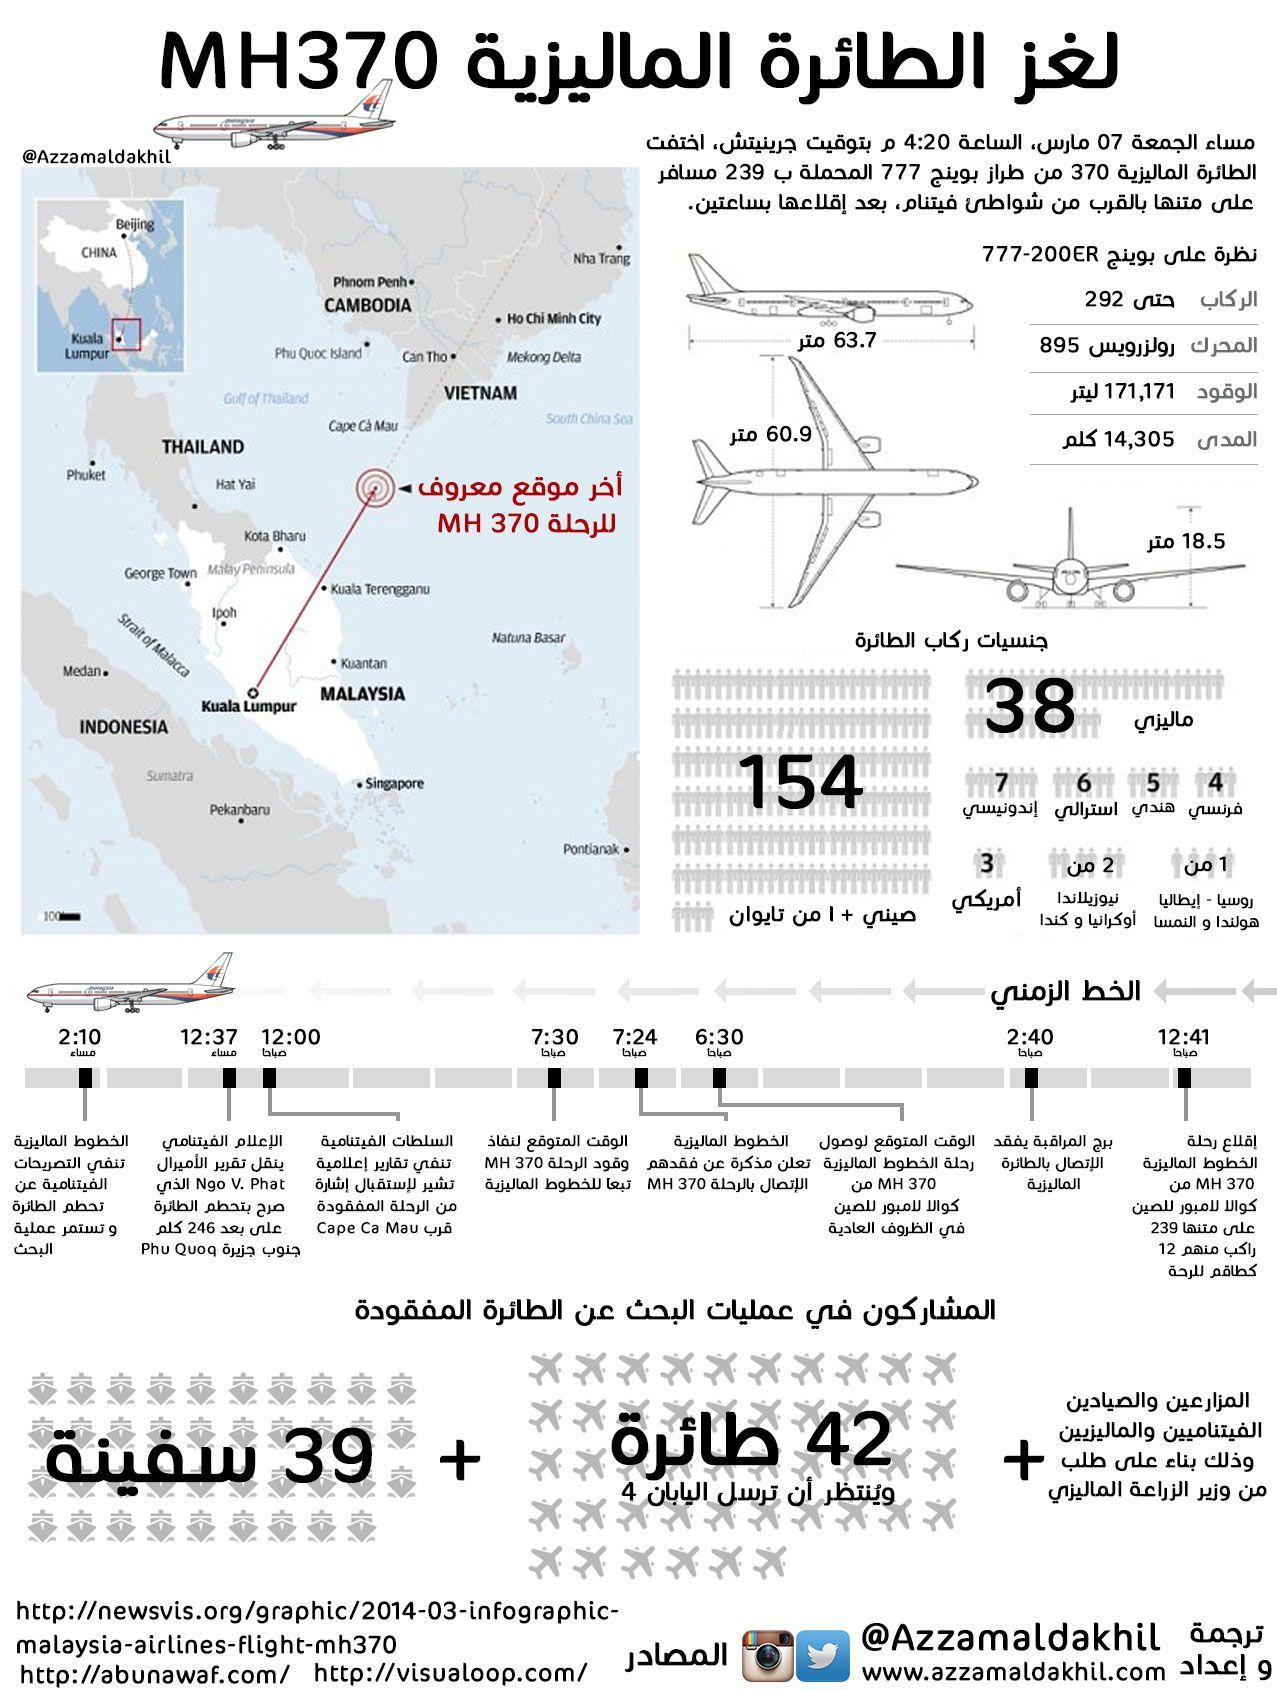 لغز الطائرة الماليزية Mh370 Http Azzamaldakhil Com Azzam 2014 03 15 D9 84 D8 Ba D8 B2 D8 A7 D9 84 D8 B7 D8 A7 D8 A6 D8 B1 D8 A9 D8 A Infographic Info Map